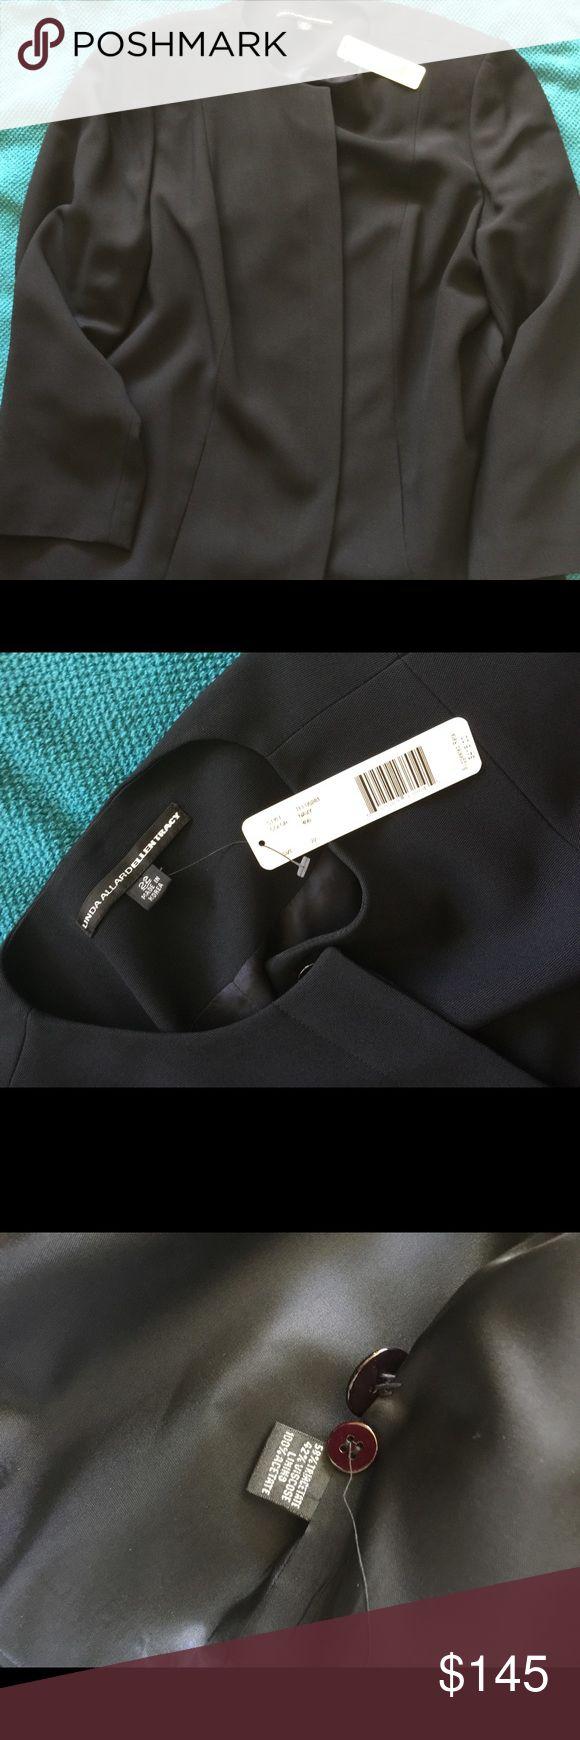 NWT Navy blazer size 22 Gorgeous well made blazer for work dressy jacket  Size 22  $415 Jackets & Coats Blazers